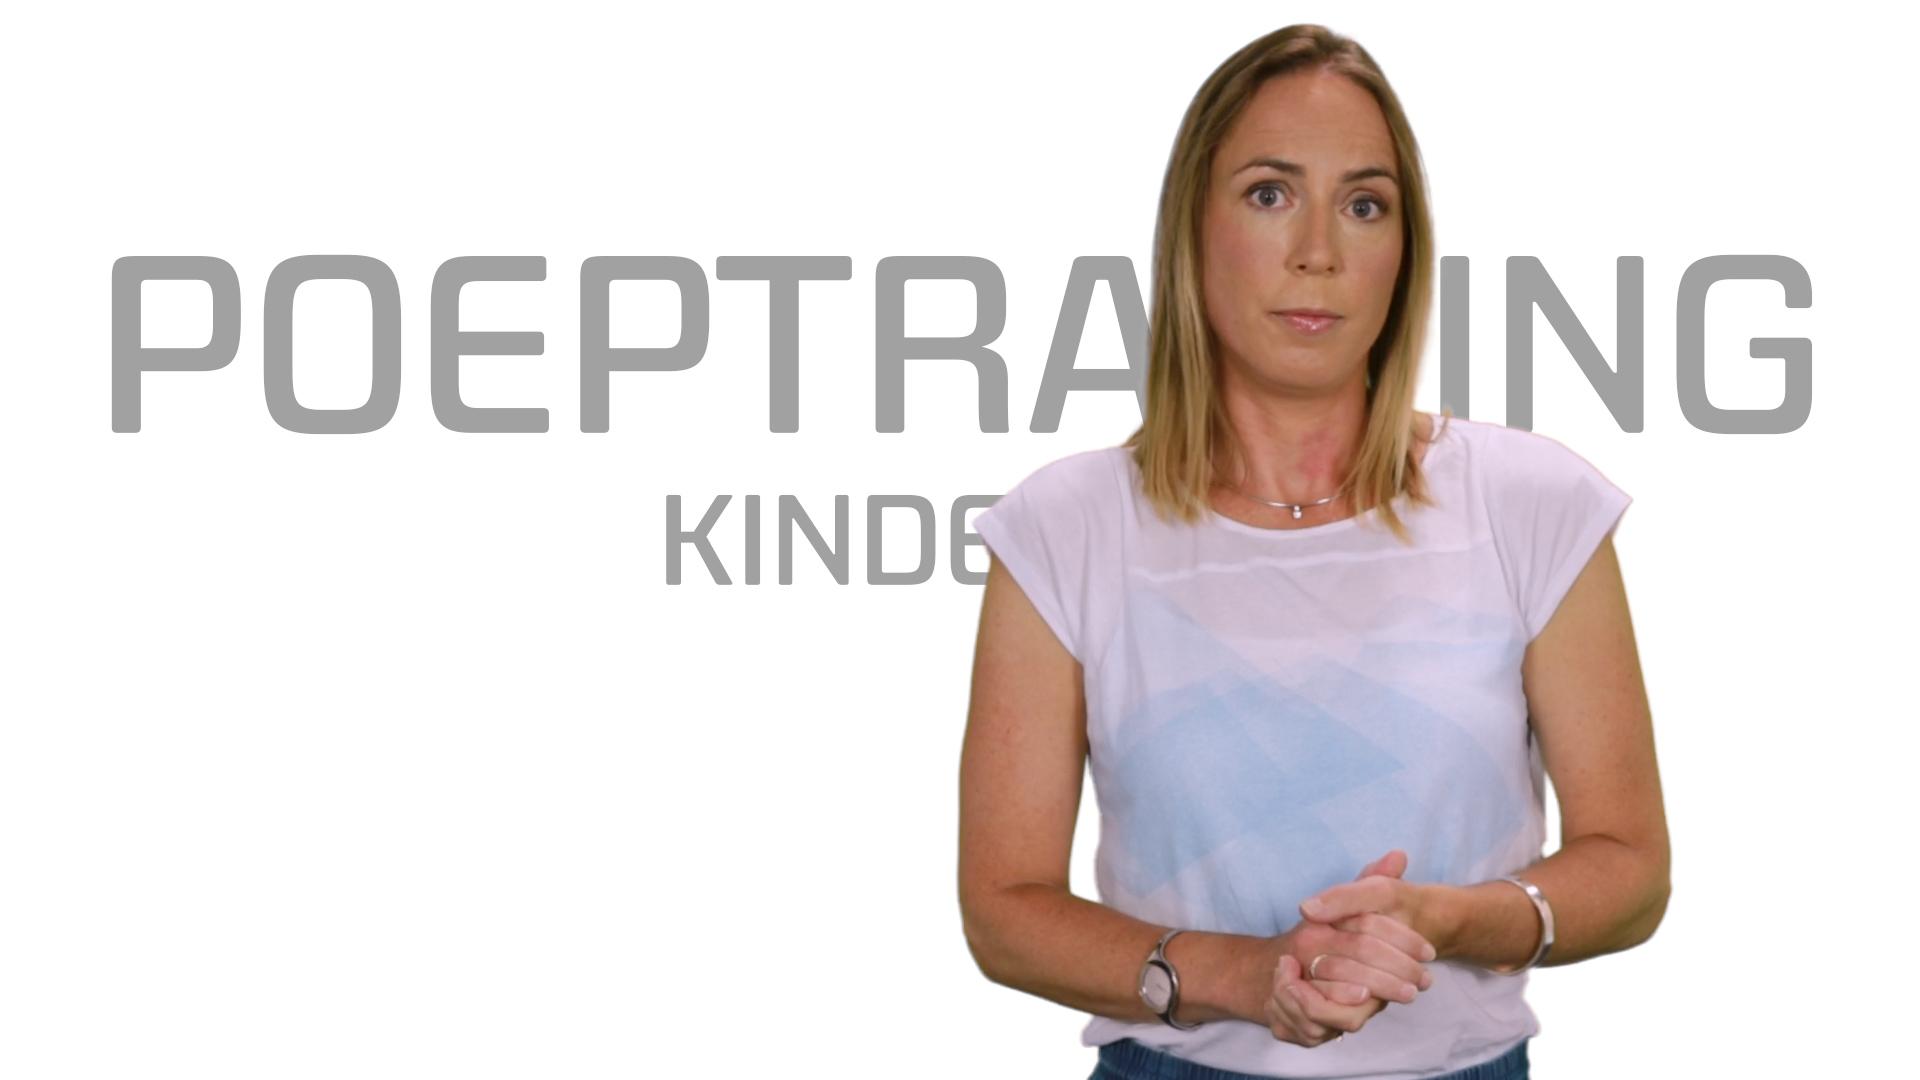 Bekijk de video: Poeptraining kinderen